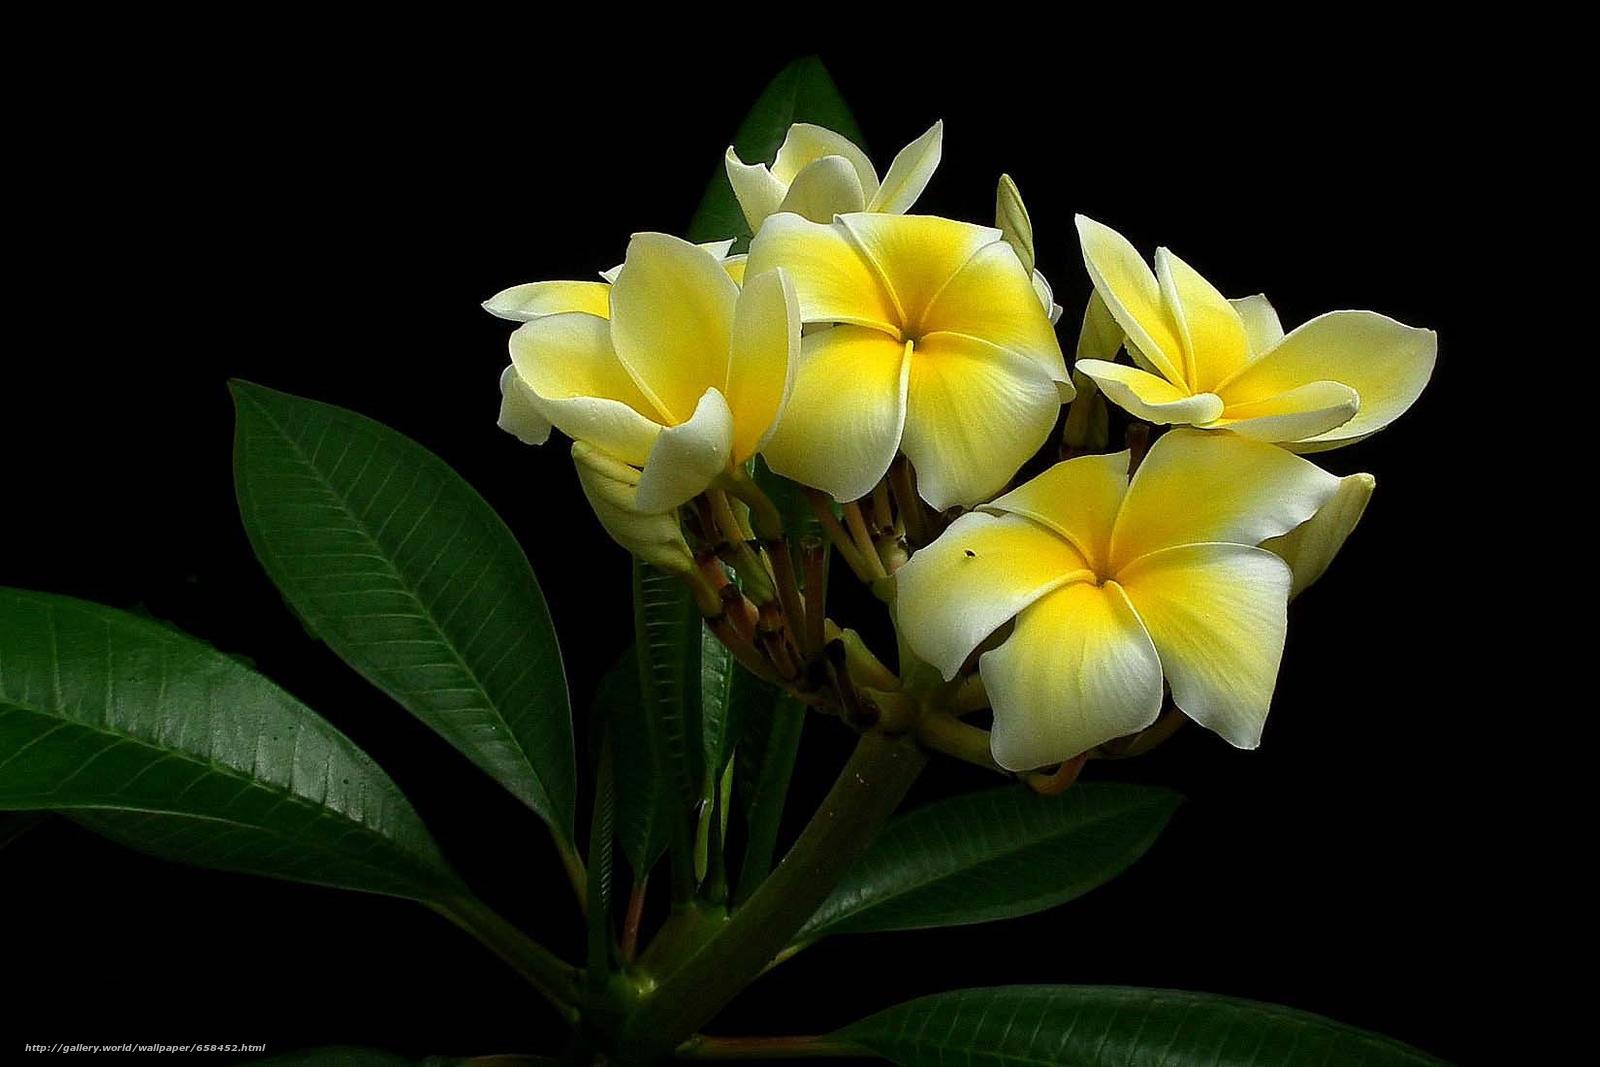 壁紙をダウンロード 花,  フラワーズ,  フローラ デスクトップの解像度のための無料壁紙 1650x1100 — 絵 №658452